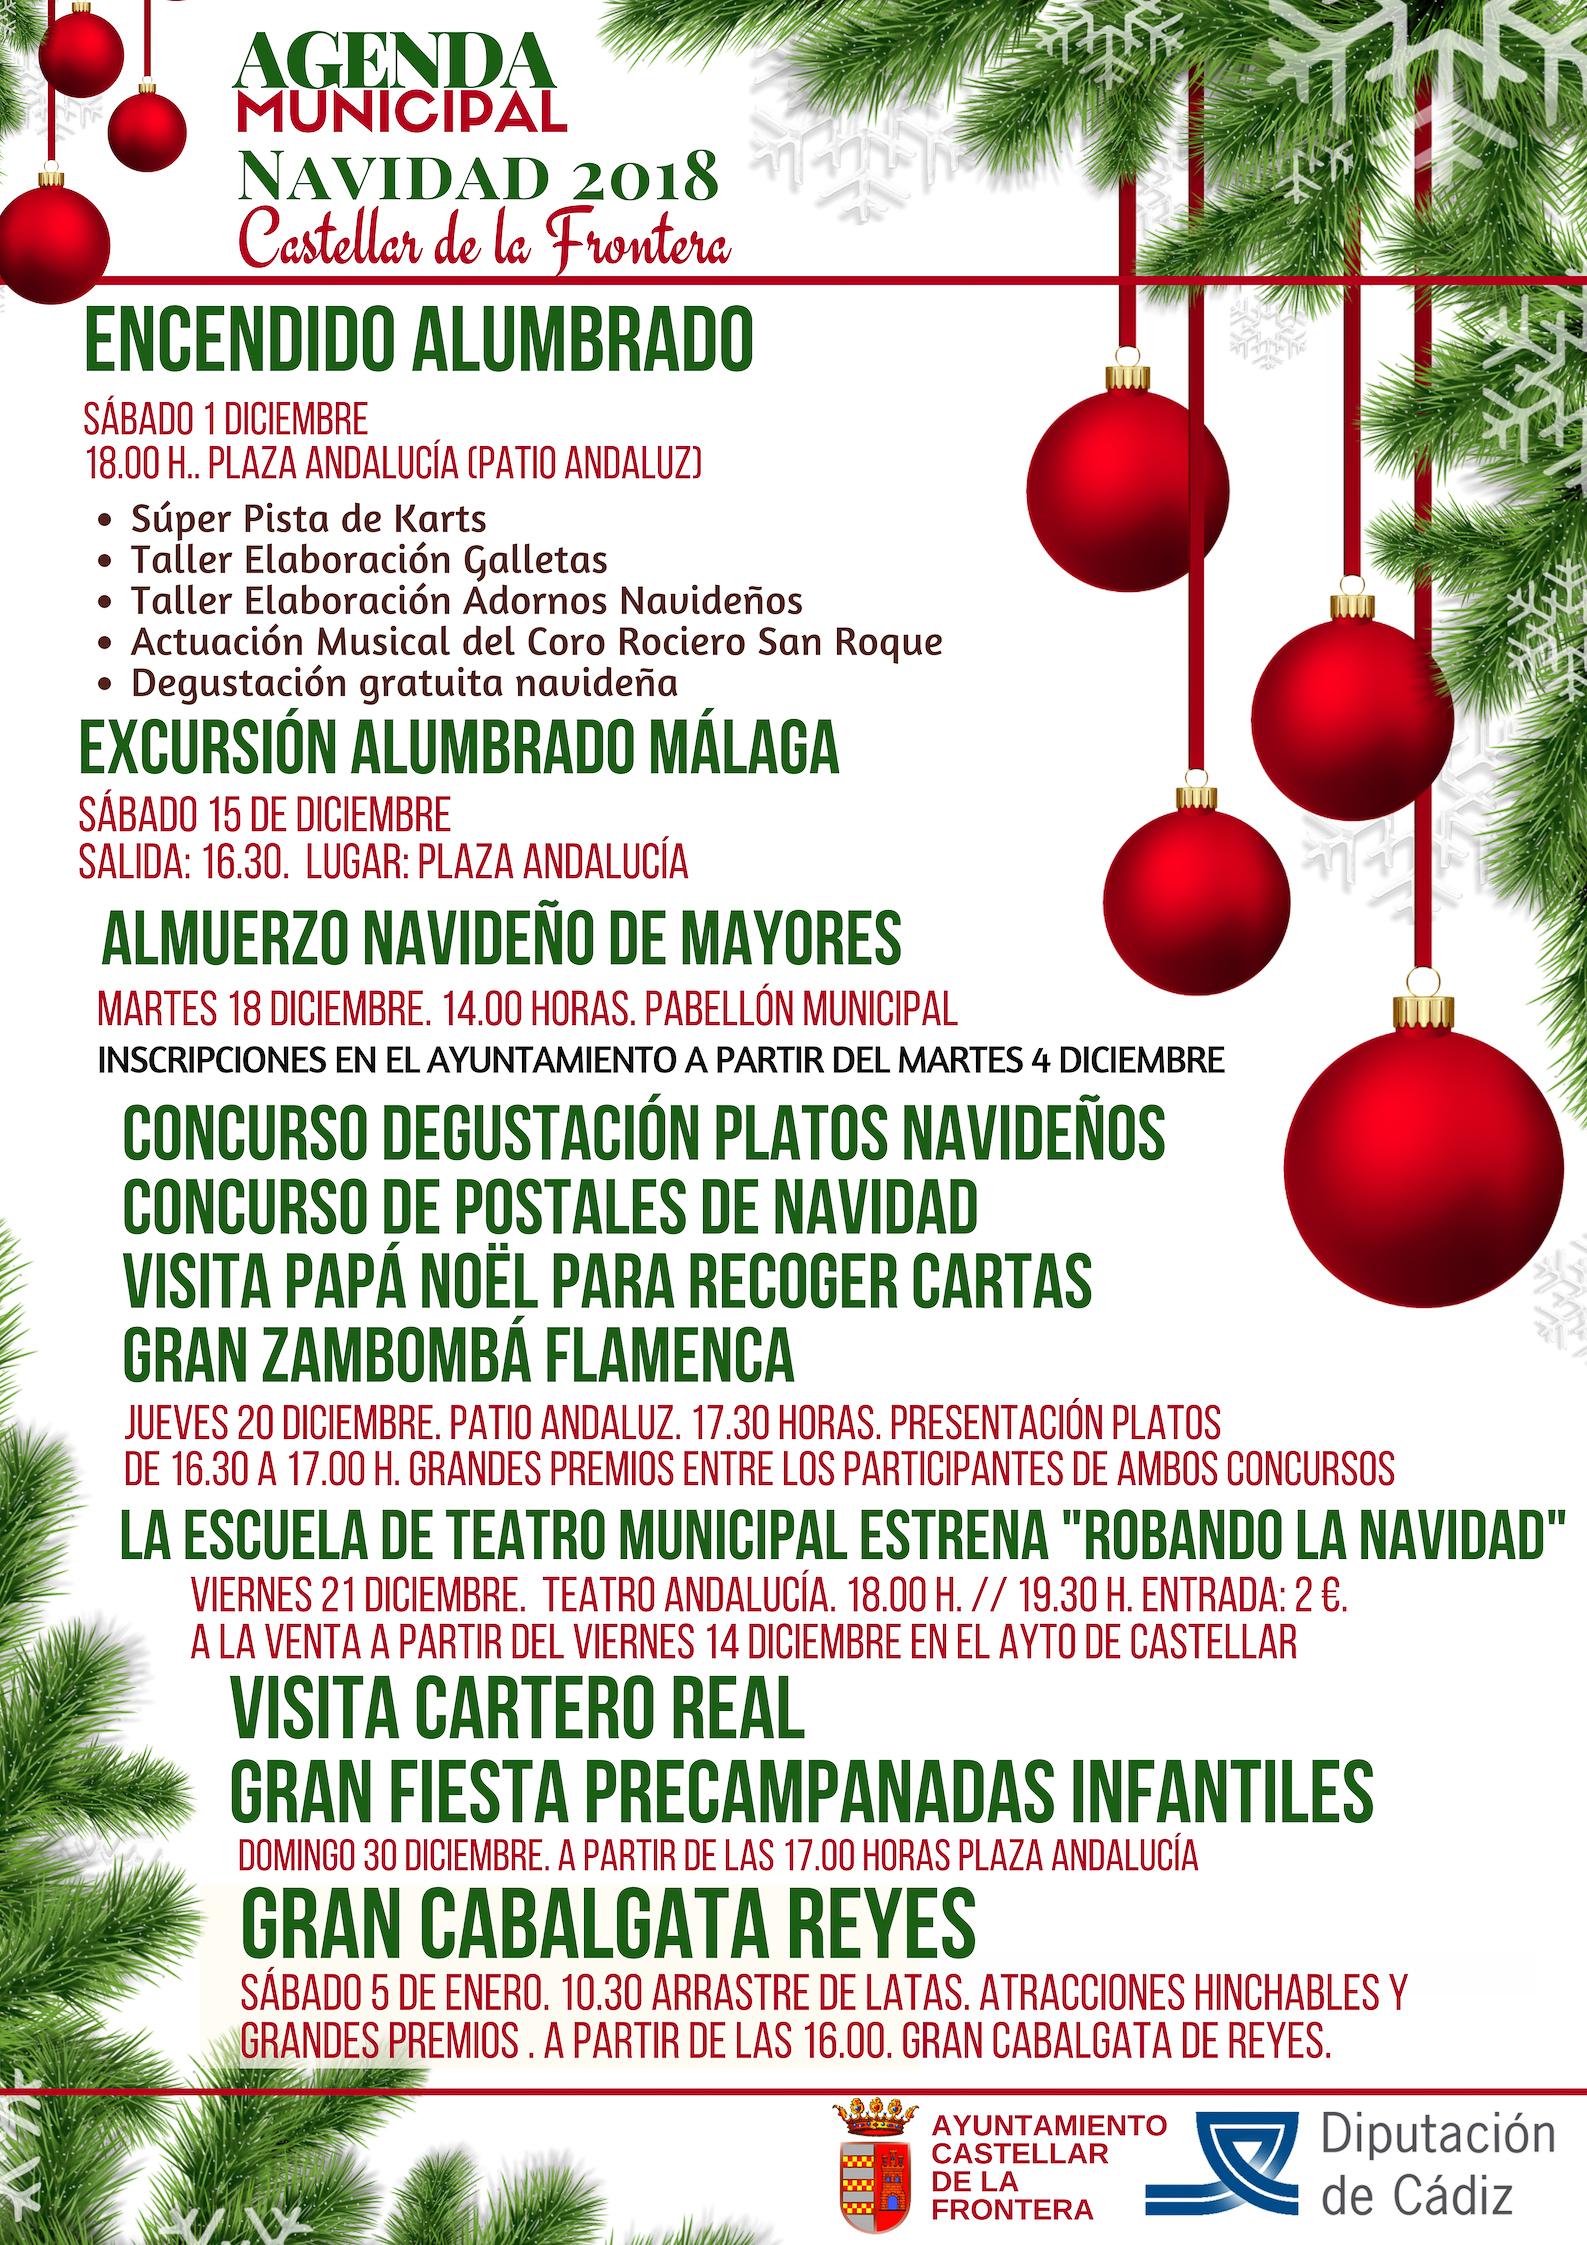 Imagenes De Navidad 2019.Programacion Municipal Navidad 2018 19 Castellar De La Frontera